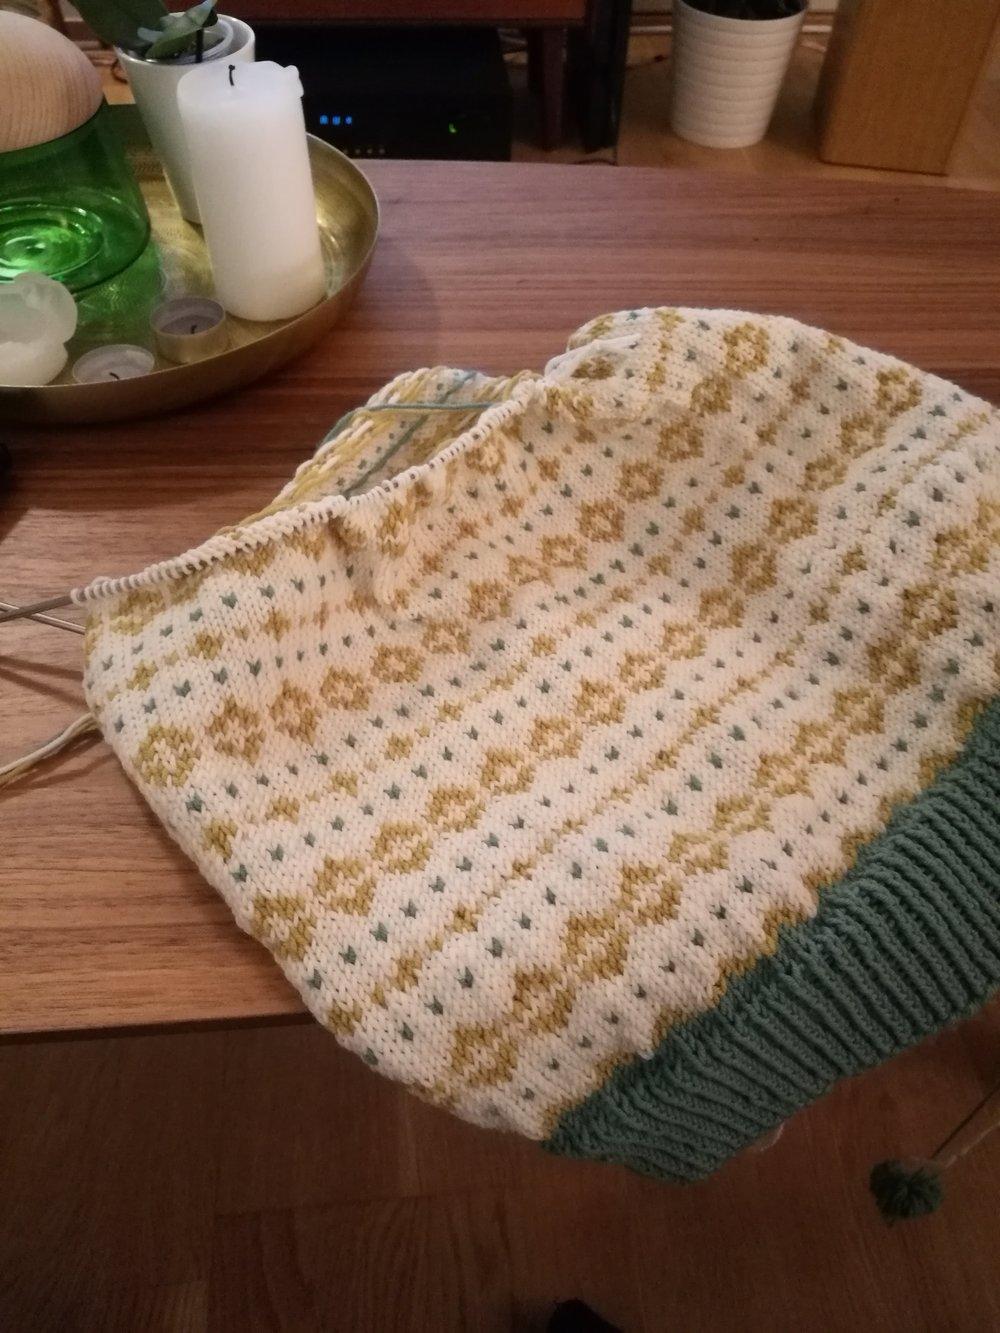 Det ble også mye strikking på denne genseren, gøygøygøy!